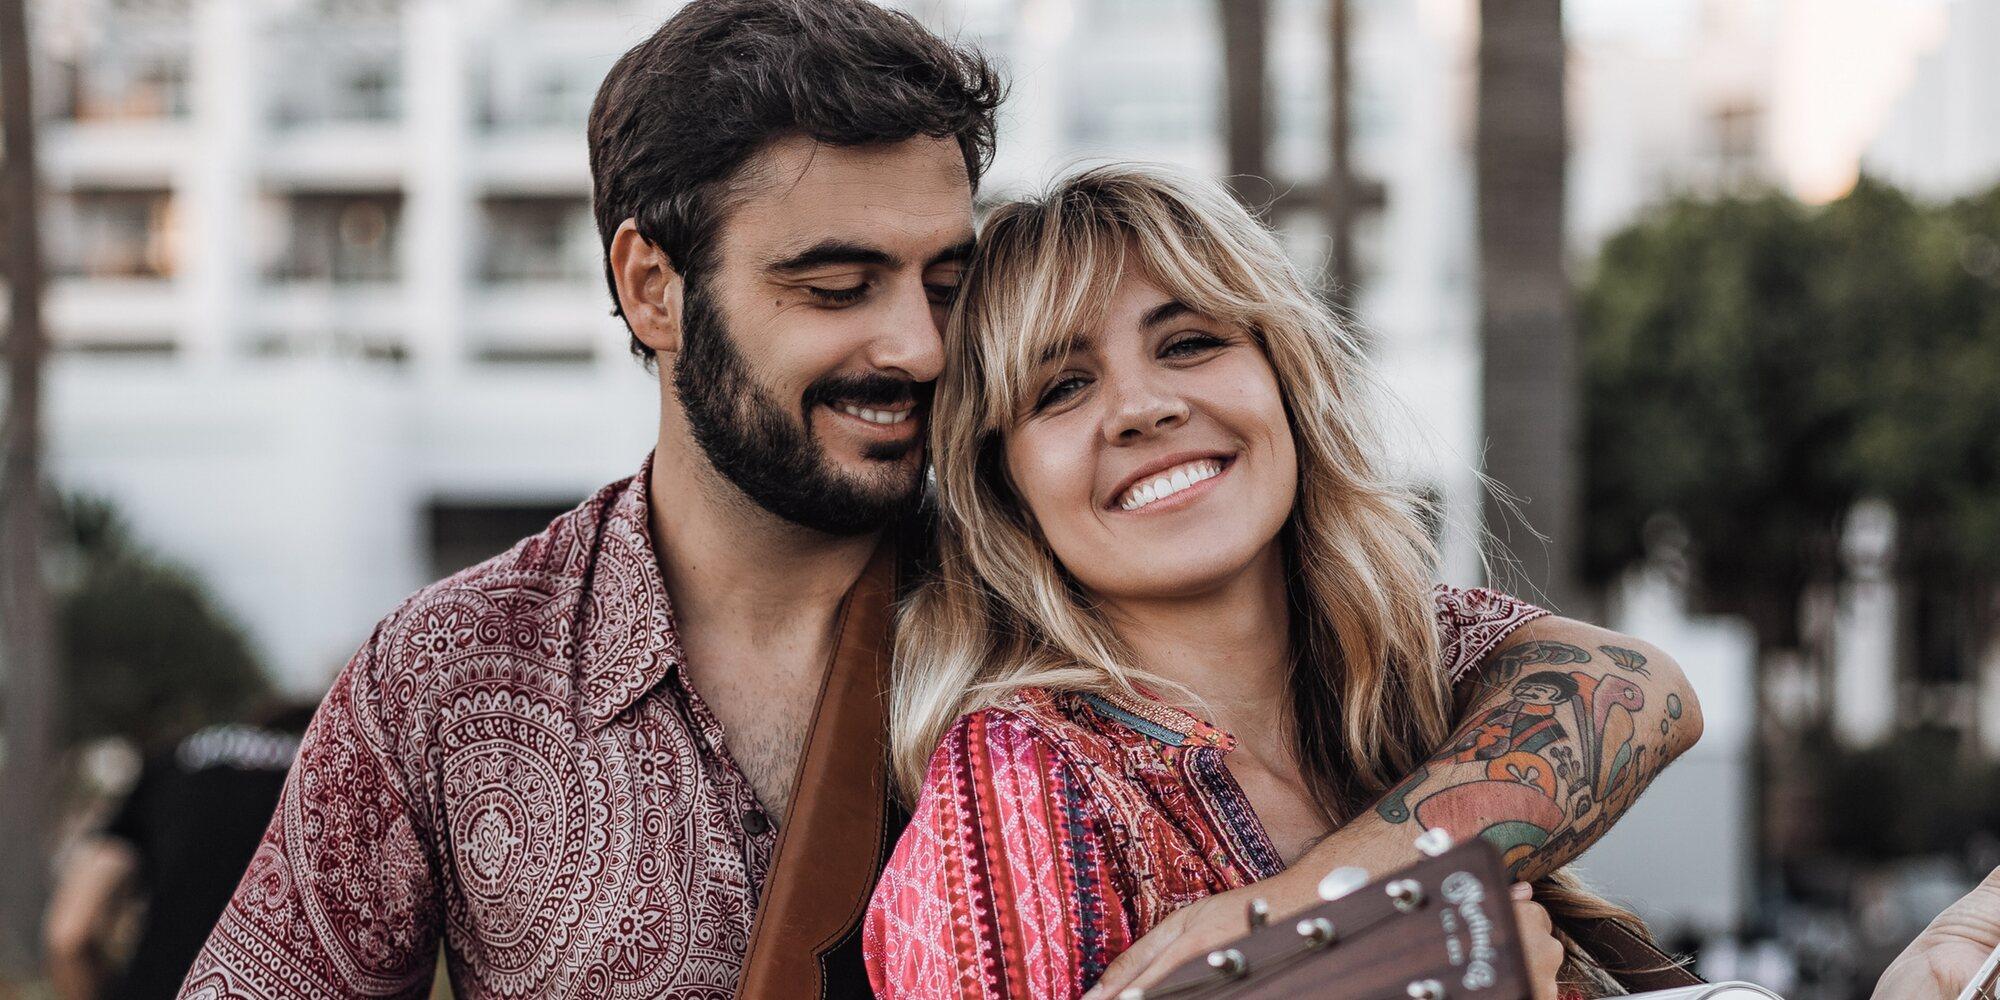 Andrea Guasch y Rosco anuncian su compromiso al ritmo de 'Take you home'